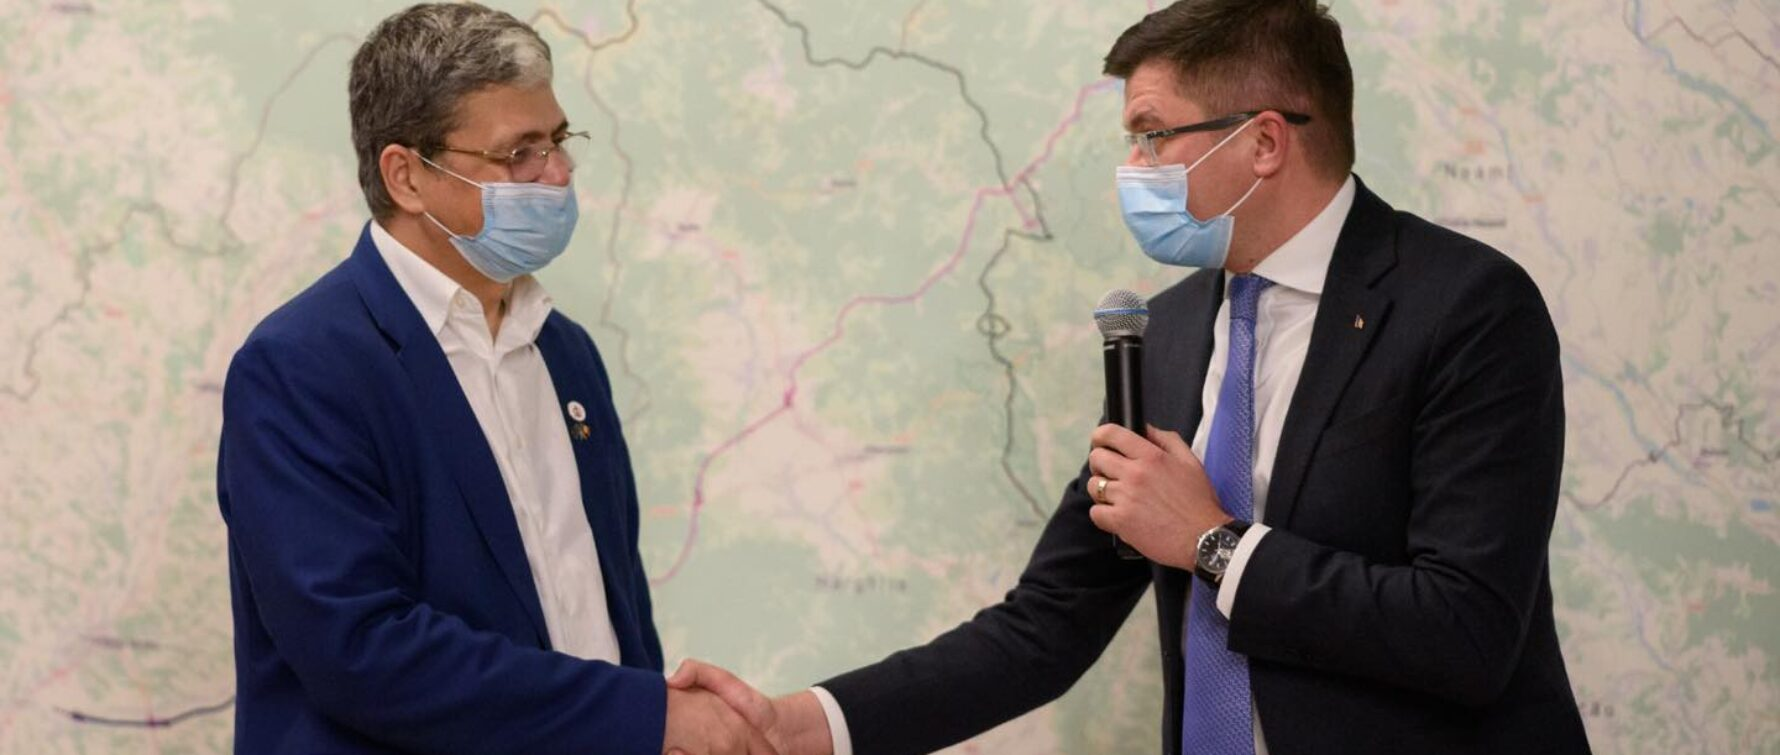 O parte din Autostrada Ungheni – Iaşi – Târgu Mureş va fi realizată cu bani din Planul Naţional de Rezilienţă. Costel Alexe: Guvernul PNL alocă cea mai mare importanţă dezvoltării Moldovei.